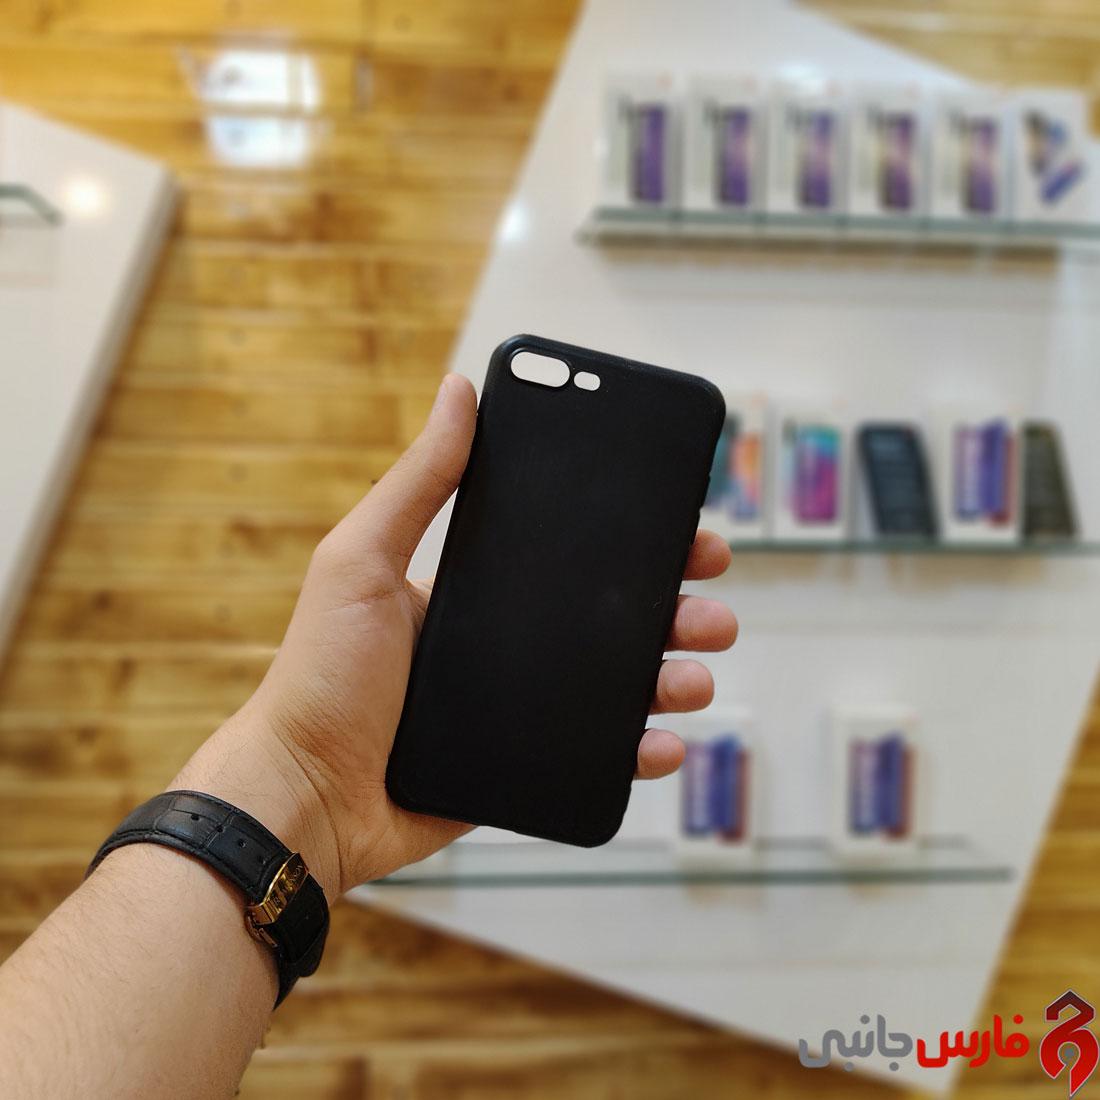 iphone-7+-black